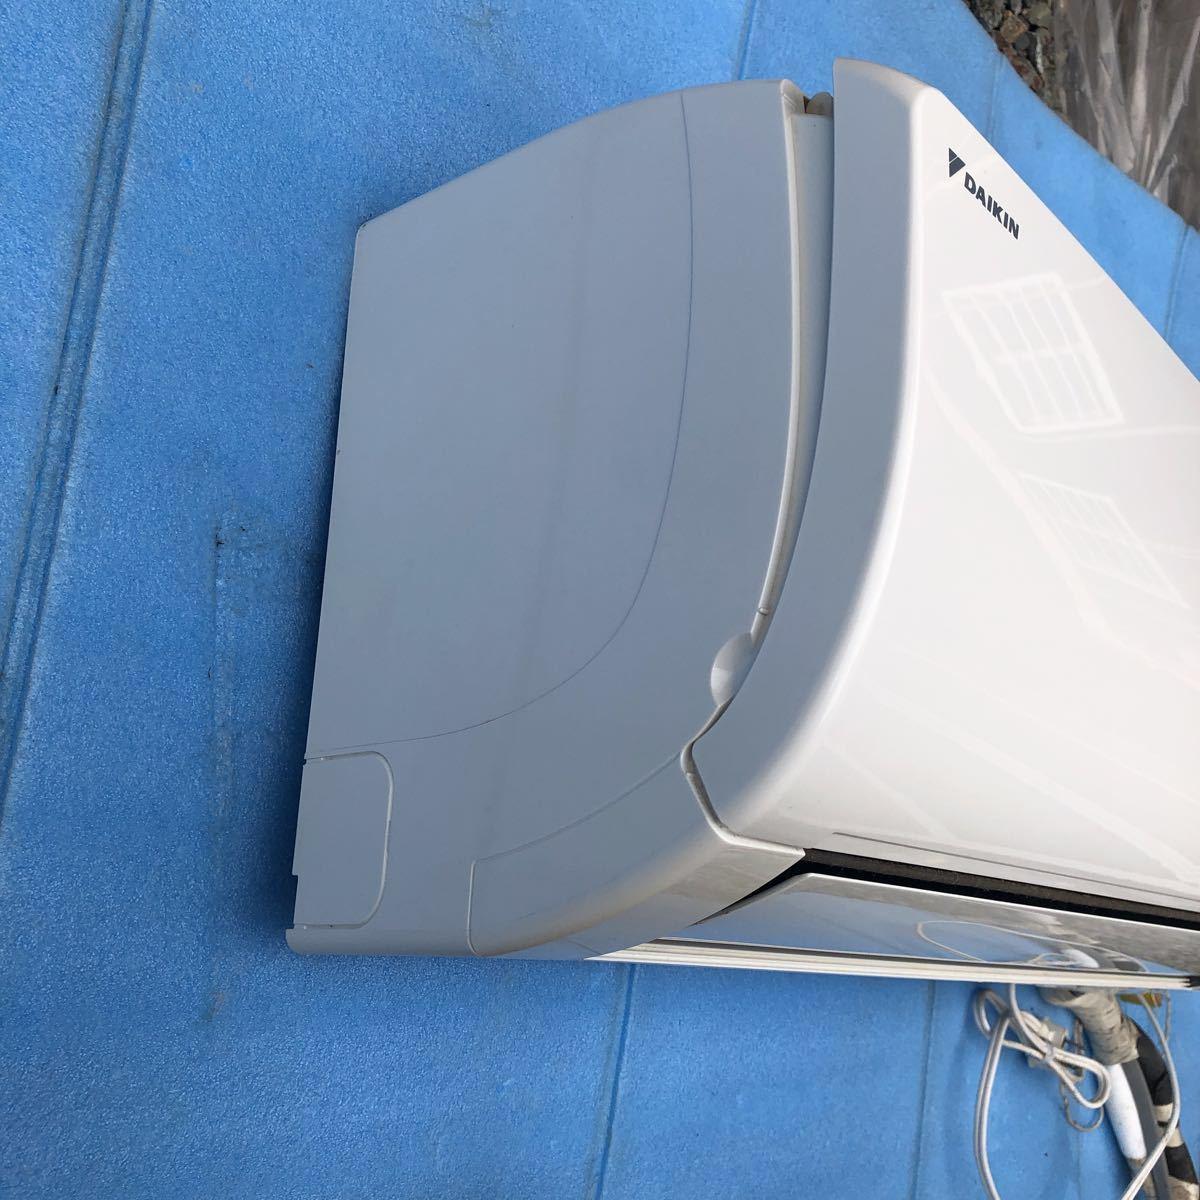 ダイキン DAIKIN 2014年製 光速ストリーマ搭載 ルームエアコン 3.6kW ~15畳 AN36RES 中古品 送料安 禁煙 ペット無し_画像8